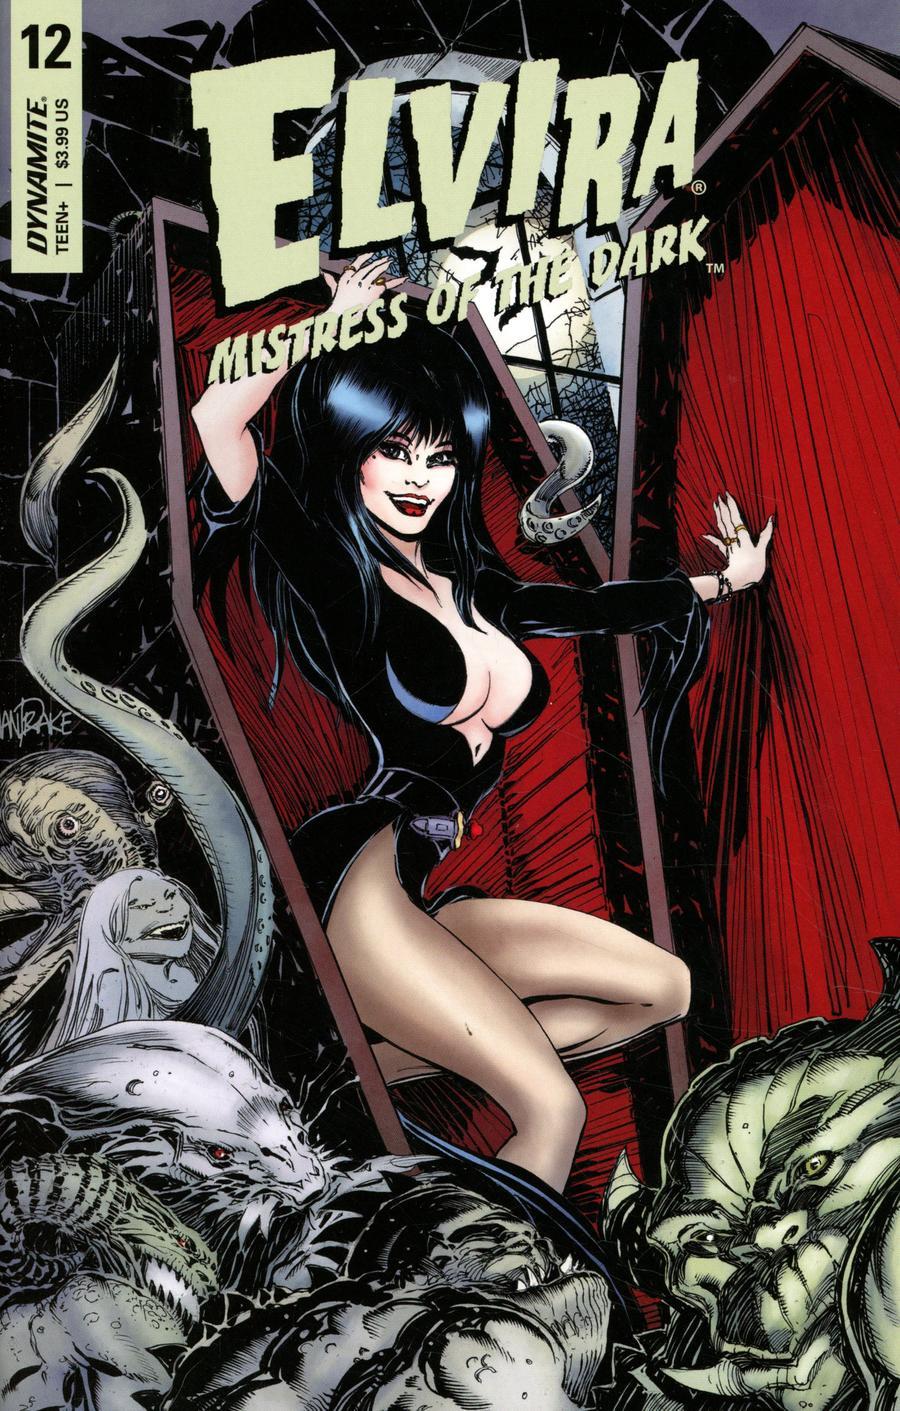 Elvira Mistress Of The Dark Vol 2 #12 Cover A Regular Tom Mandrake Cover